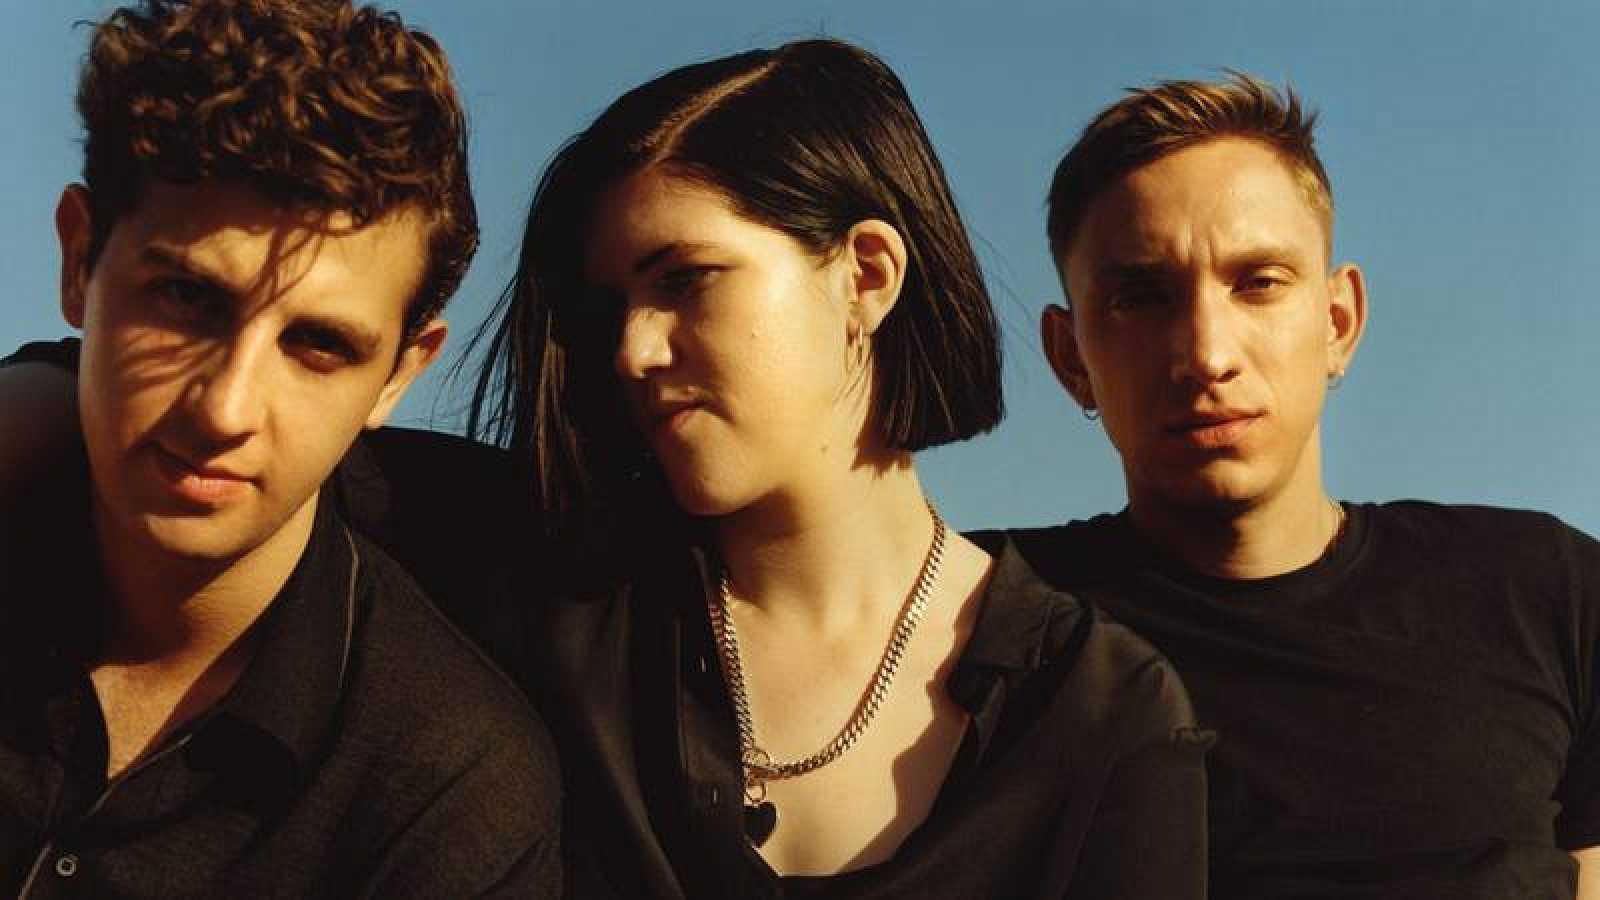 Este domingo escucha una entrevista + concierto de The xx